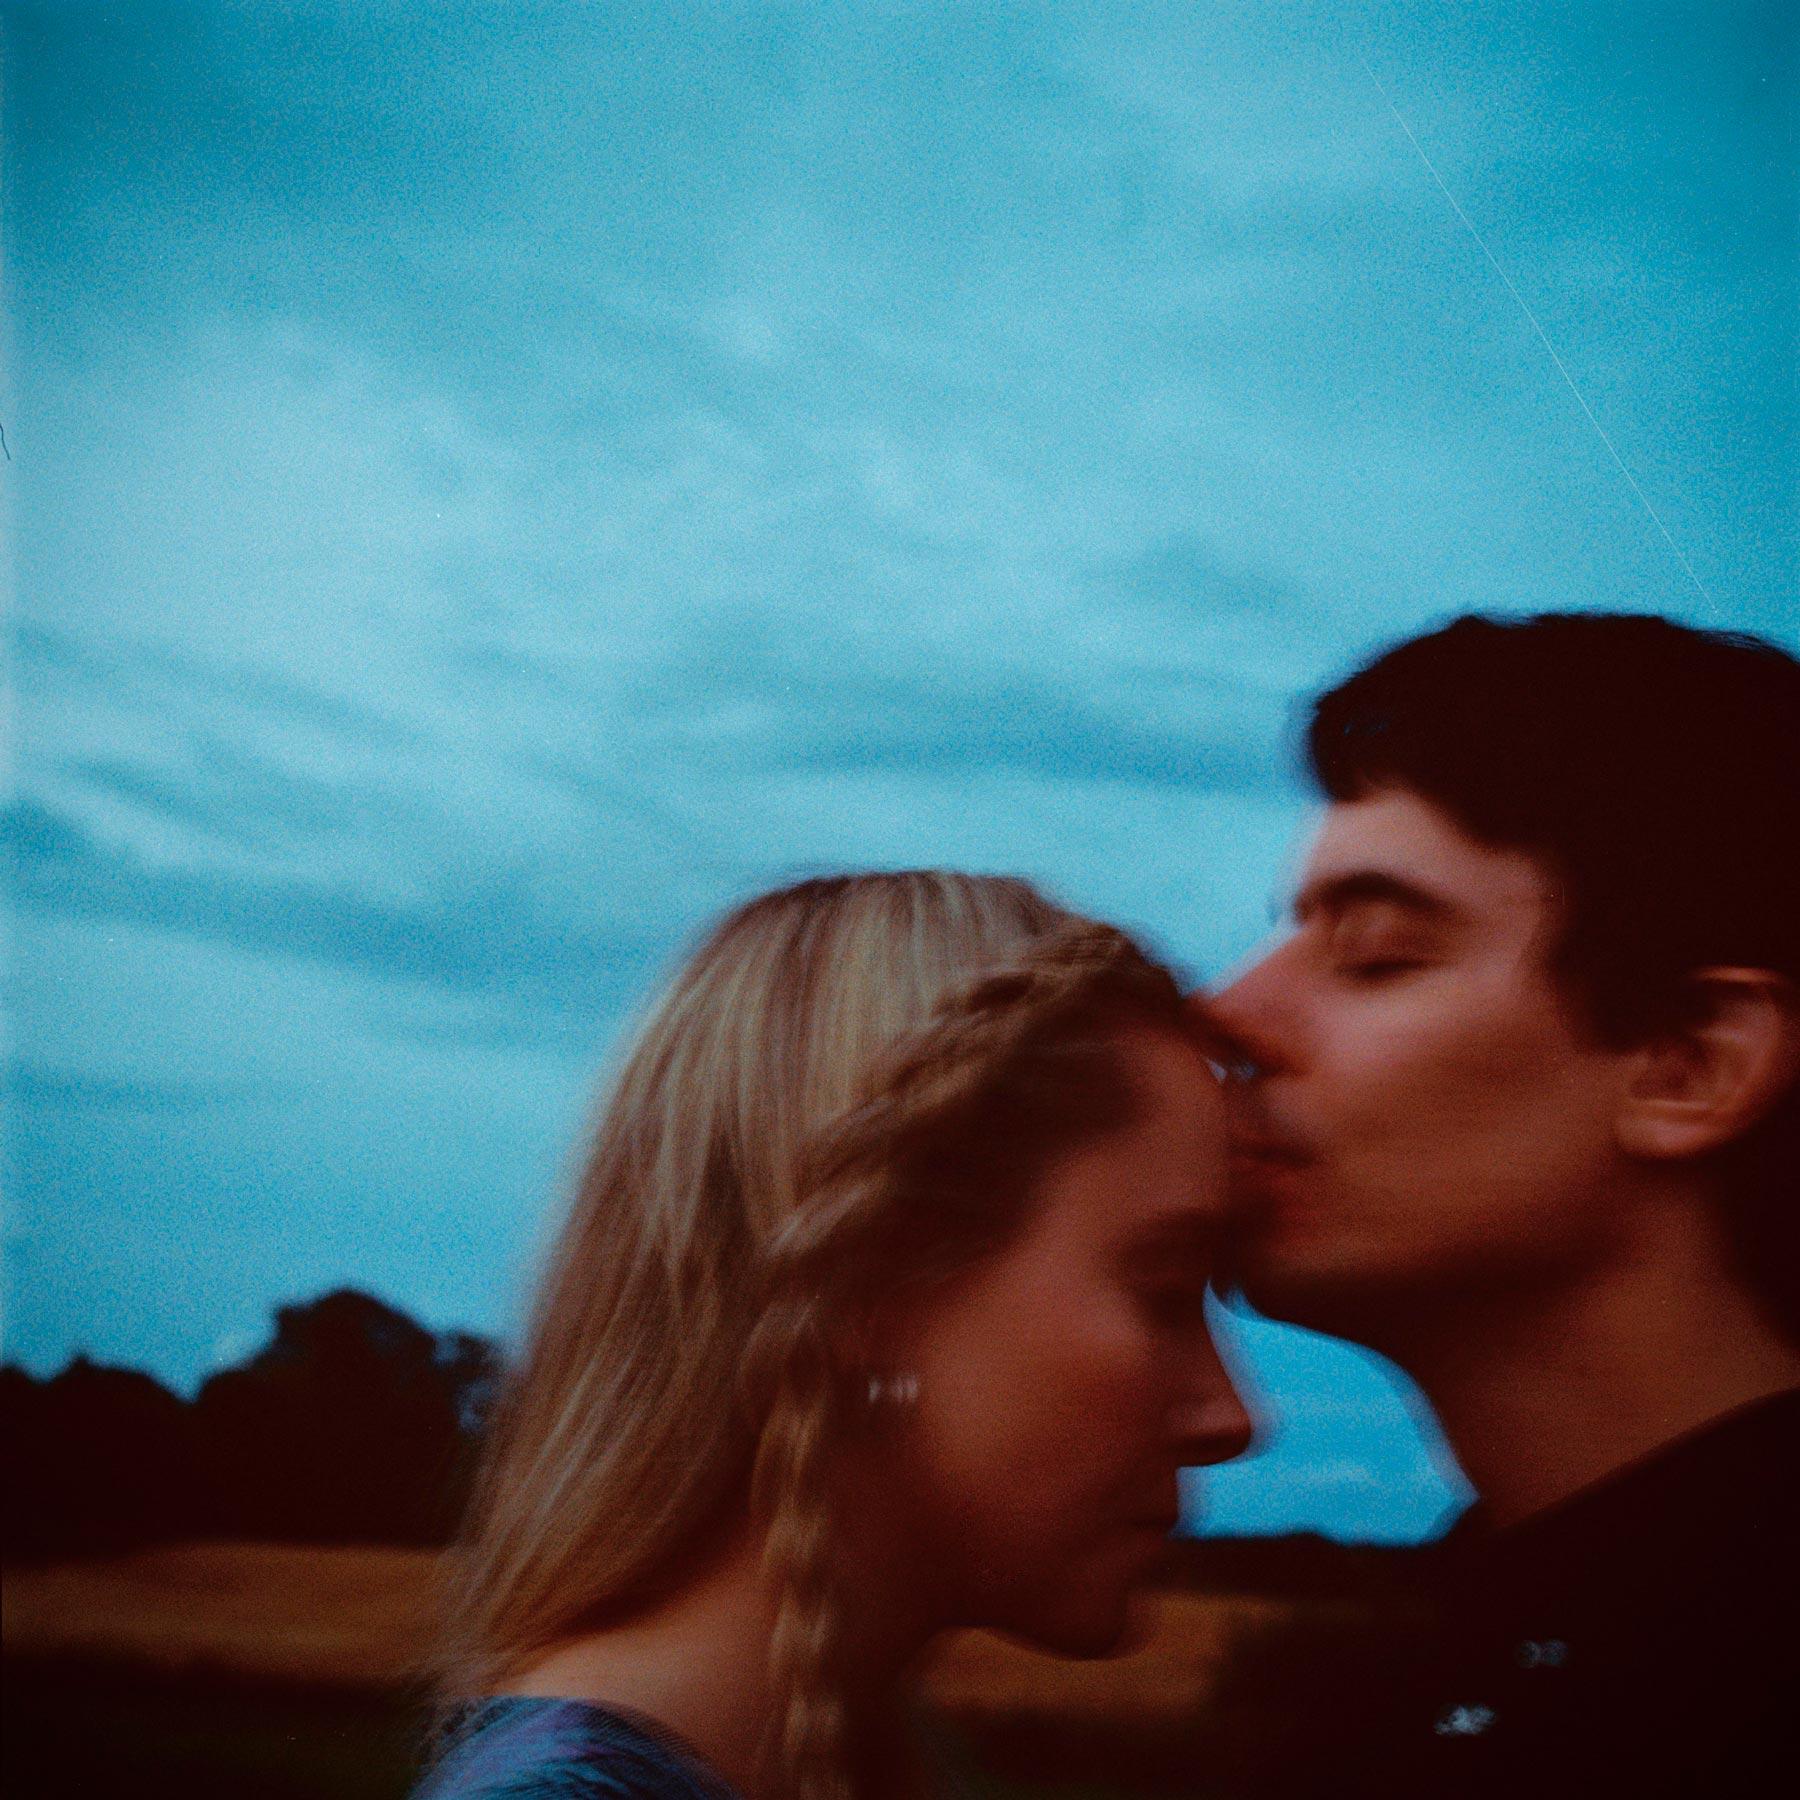 Mann kysser kvinne på pannen, tatt av bryllupsfotograf Oslo